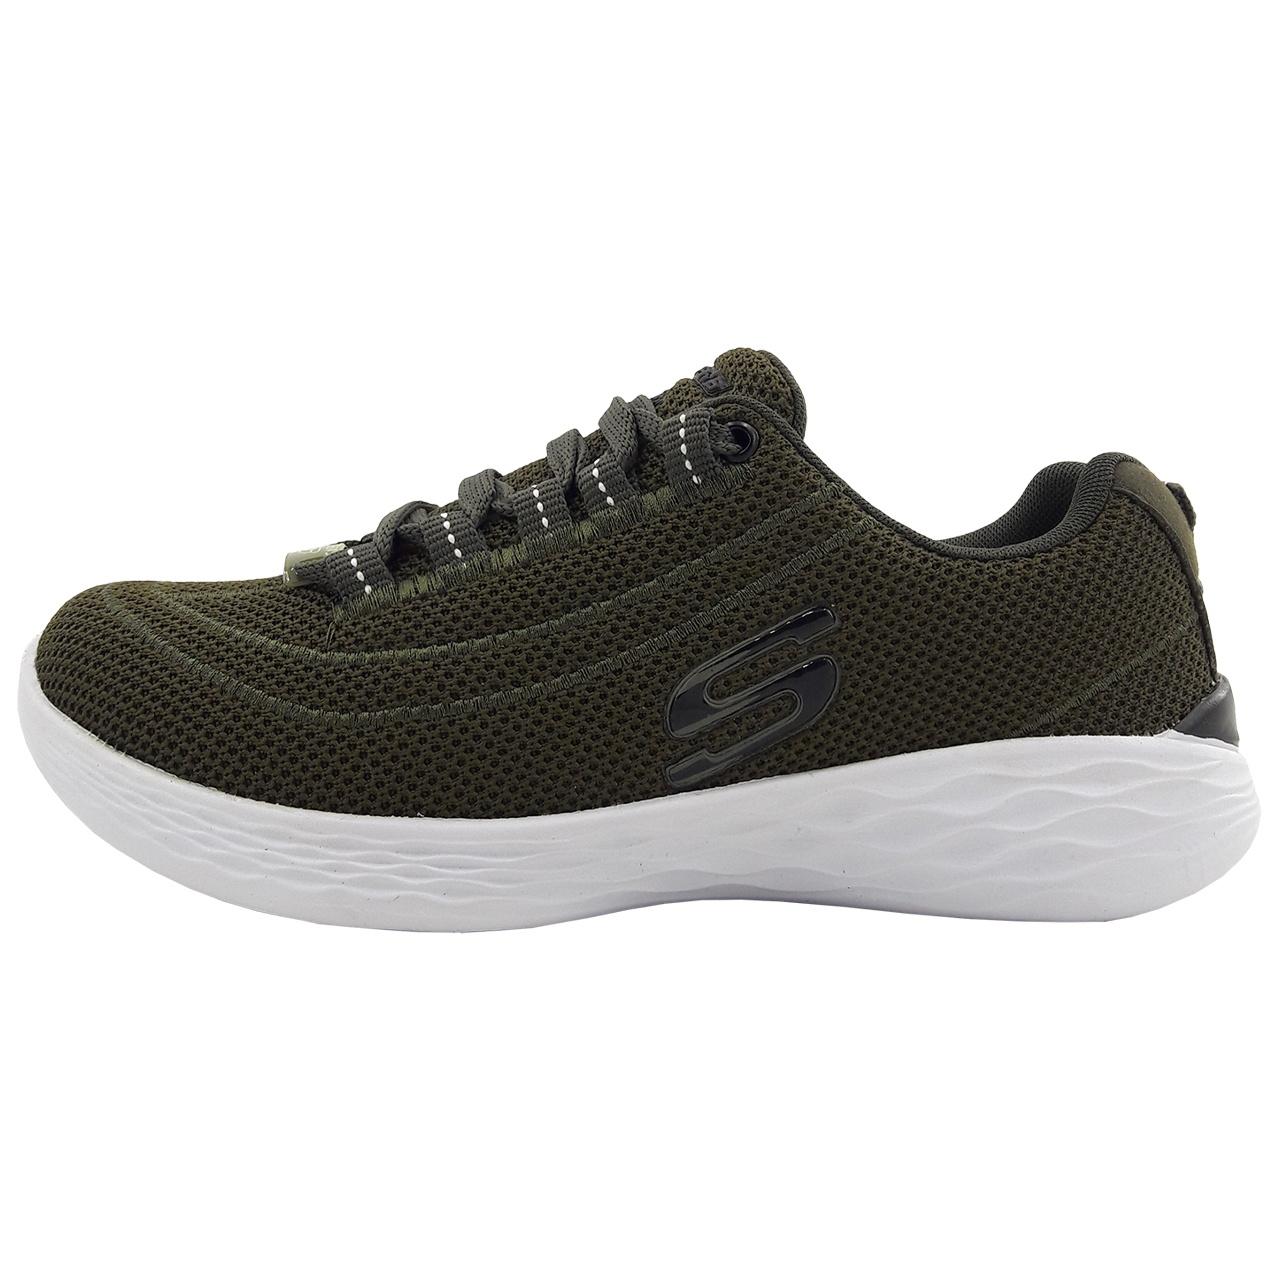 کفش مخصوص پیاده روی زنانه مدل S.you.bft-gre-01